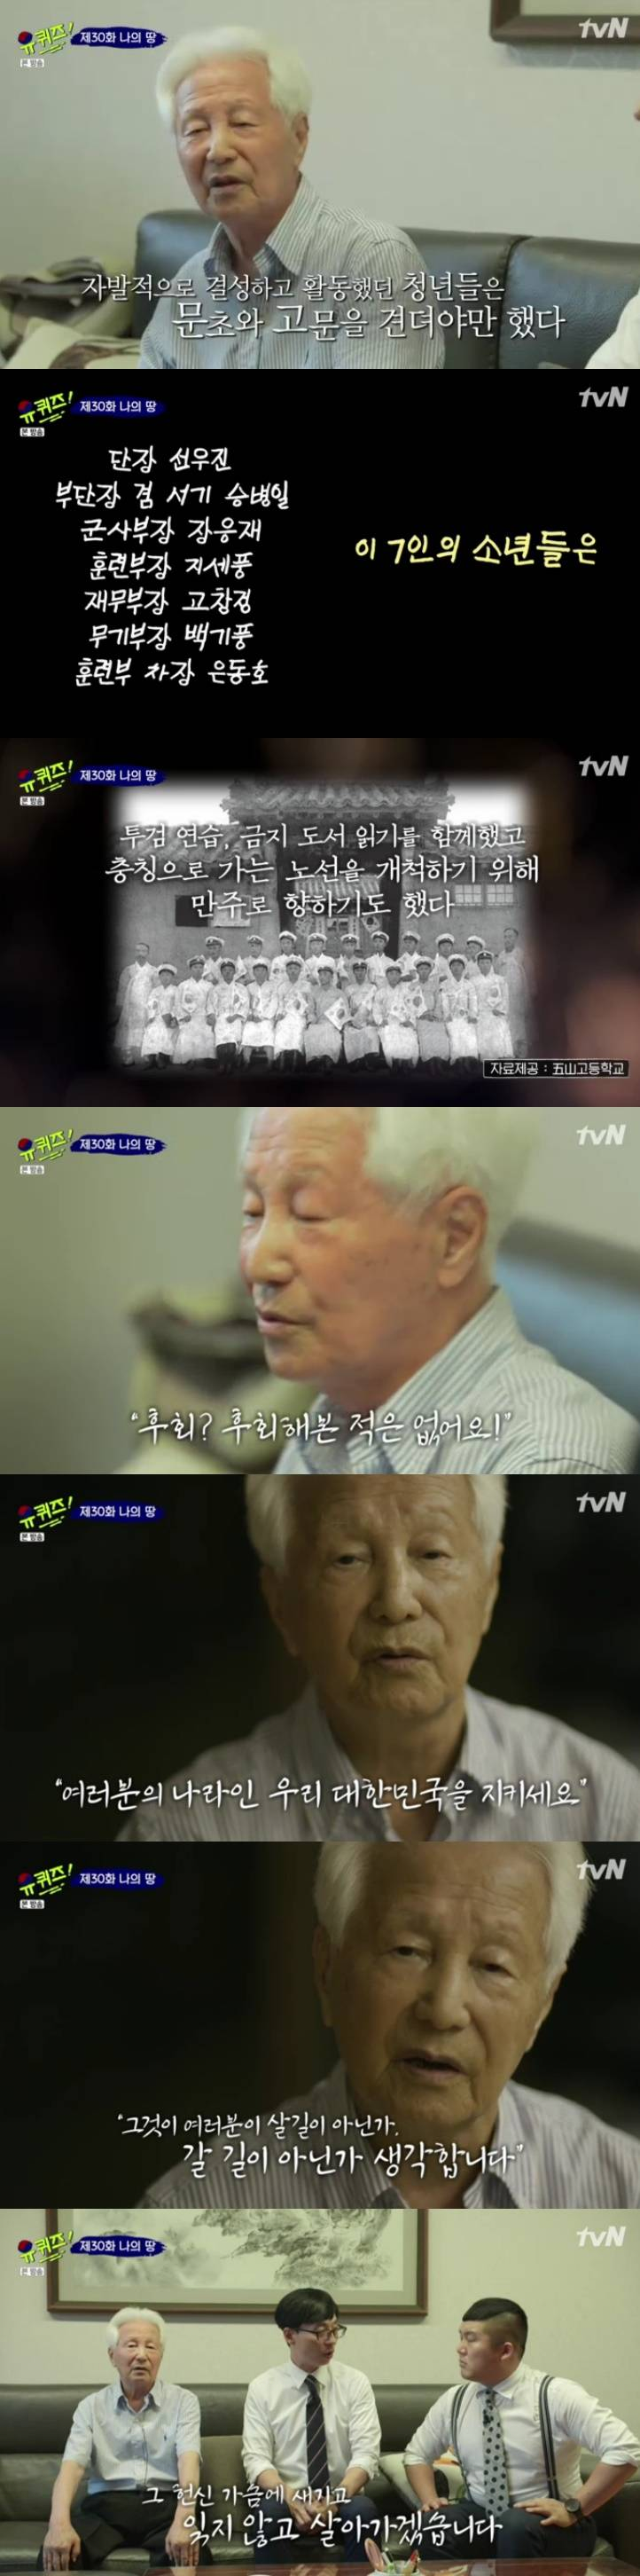 🇰🇷현재까지 생존해 계신 독립운동가 33인 중 한분..🇰🇷(Feat. 유퀴즈 온 더 블록) | 인스티즈